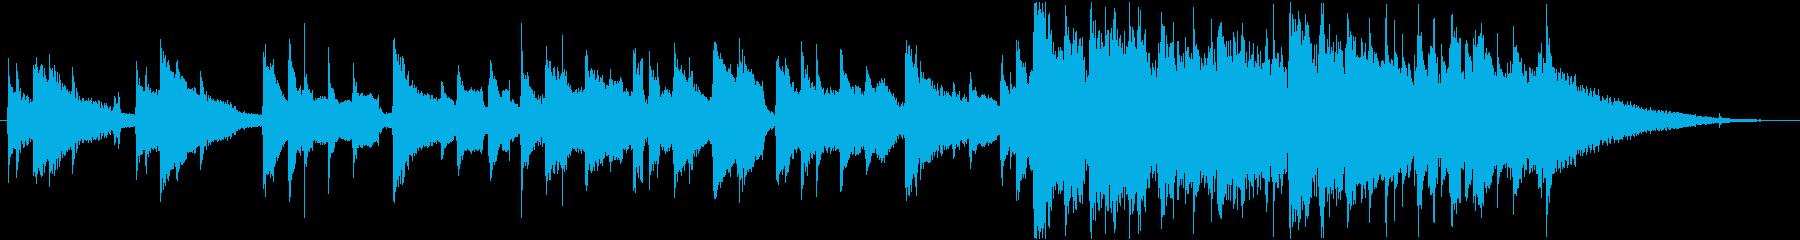 短縮版】爽やか、少し哀愁あるアコギBGMの再生済みの波形